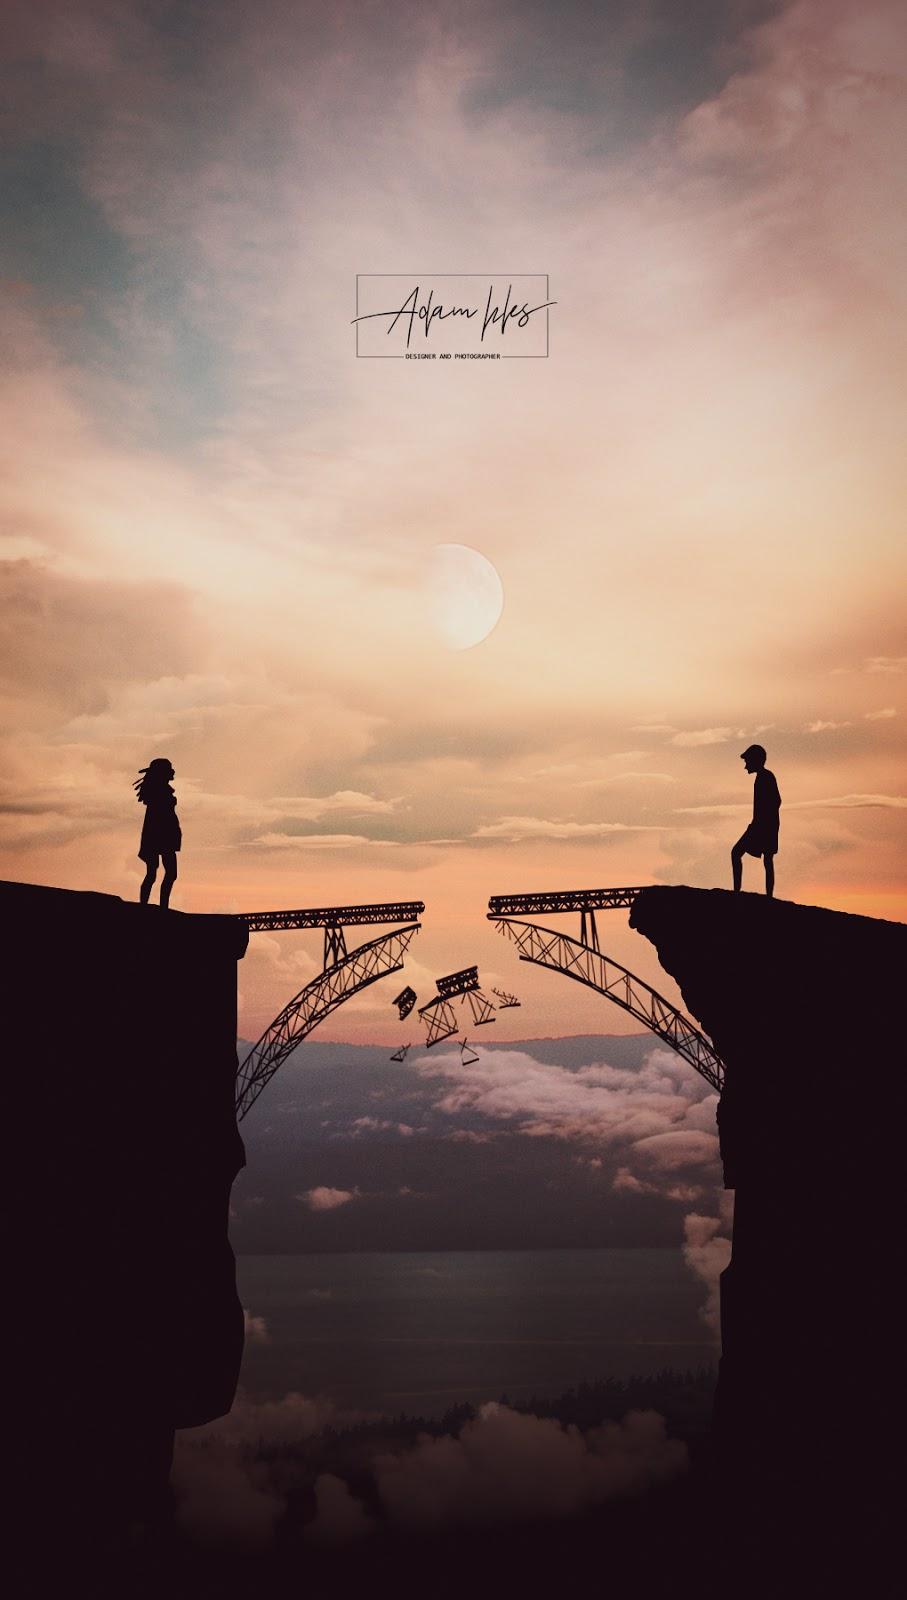 صورحب Broken Love 4k خلفيات رومانسية 2020